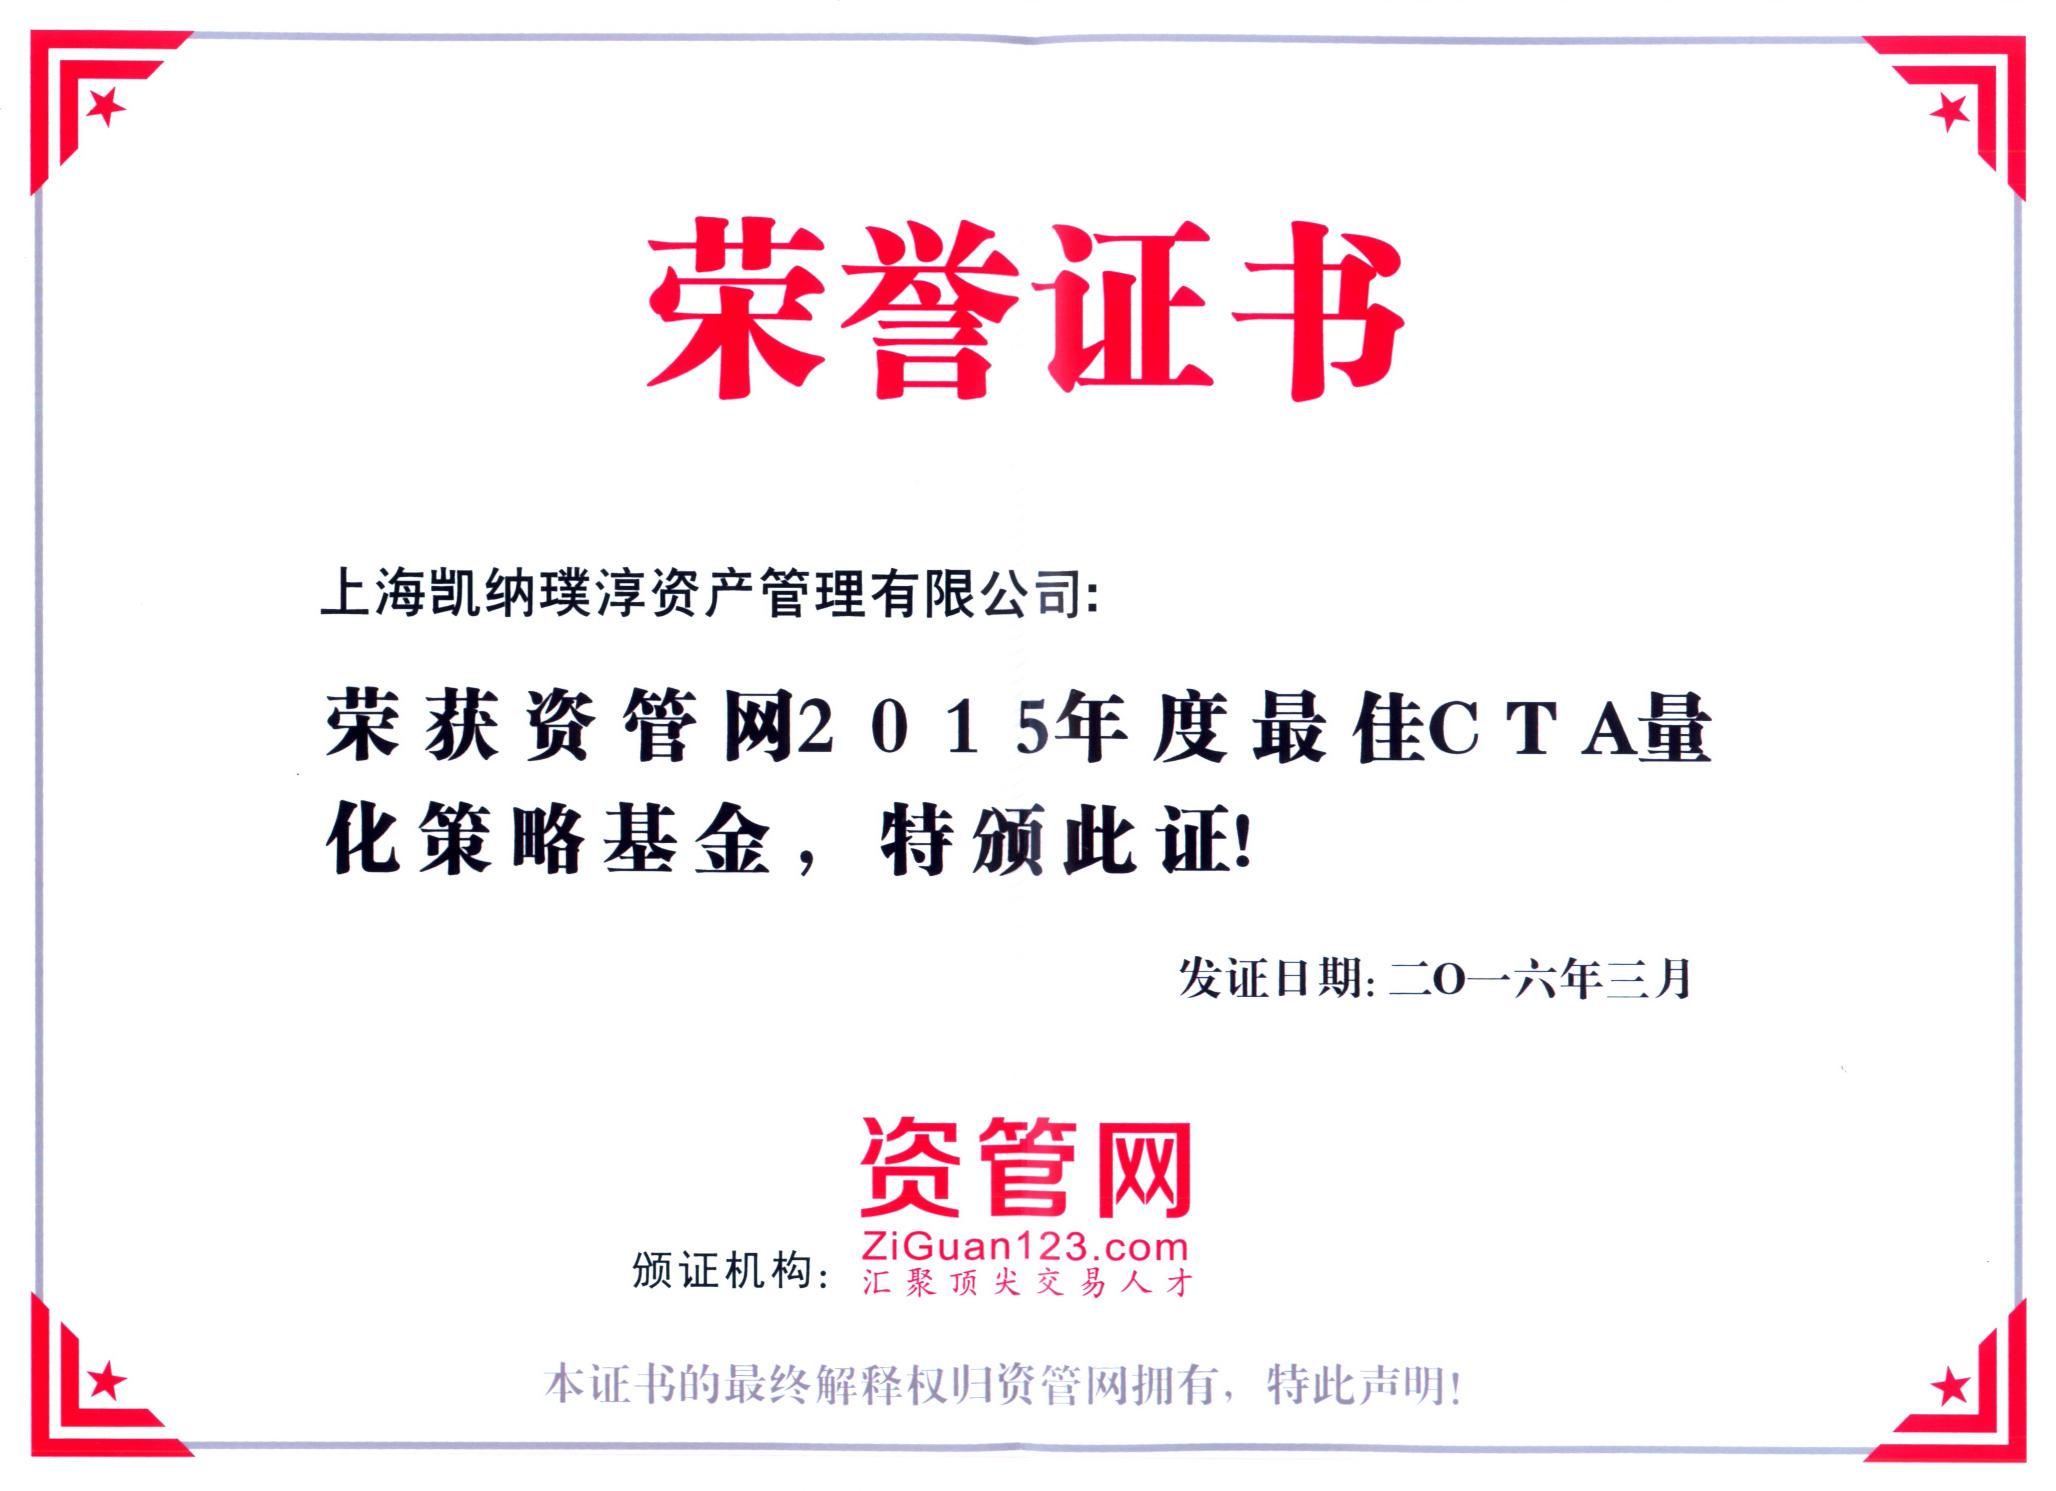 荣誉证书-01.jpg